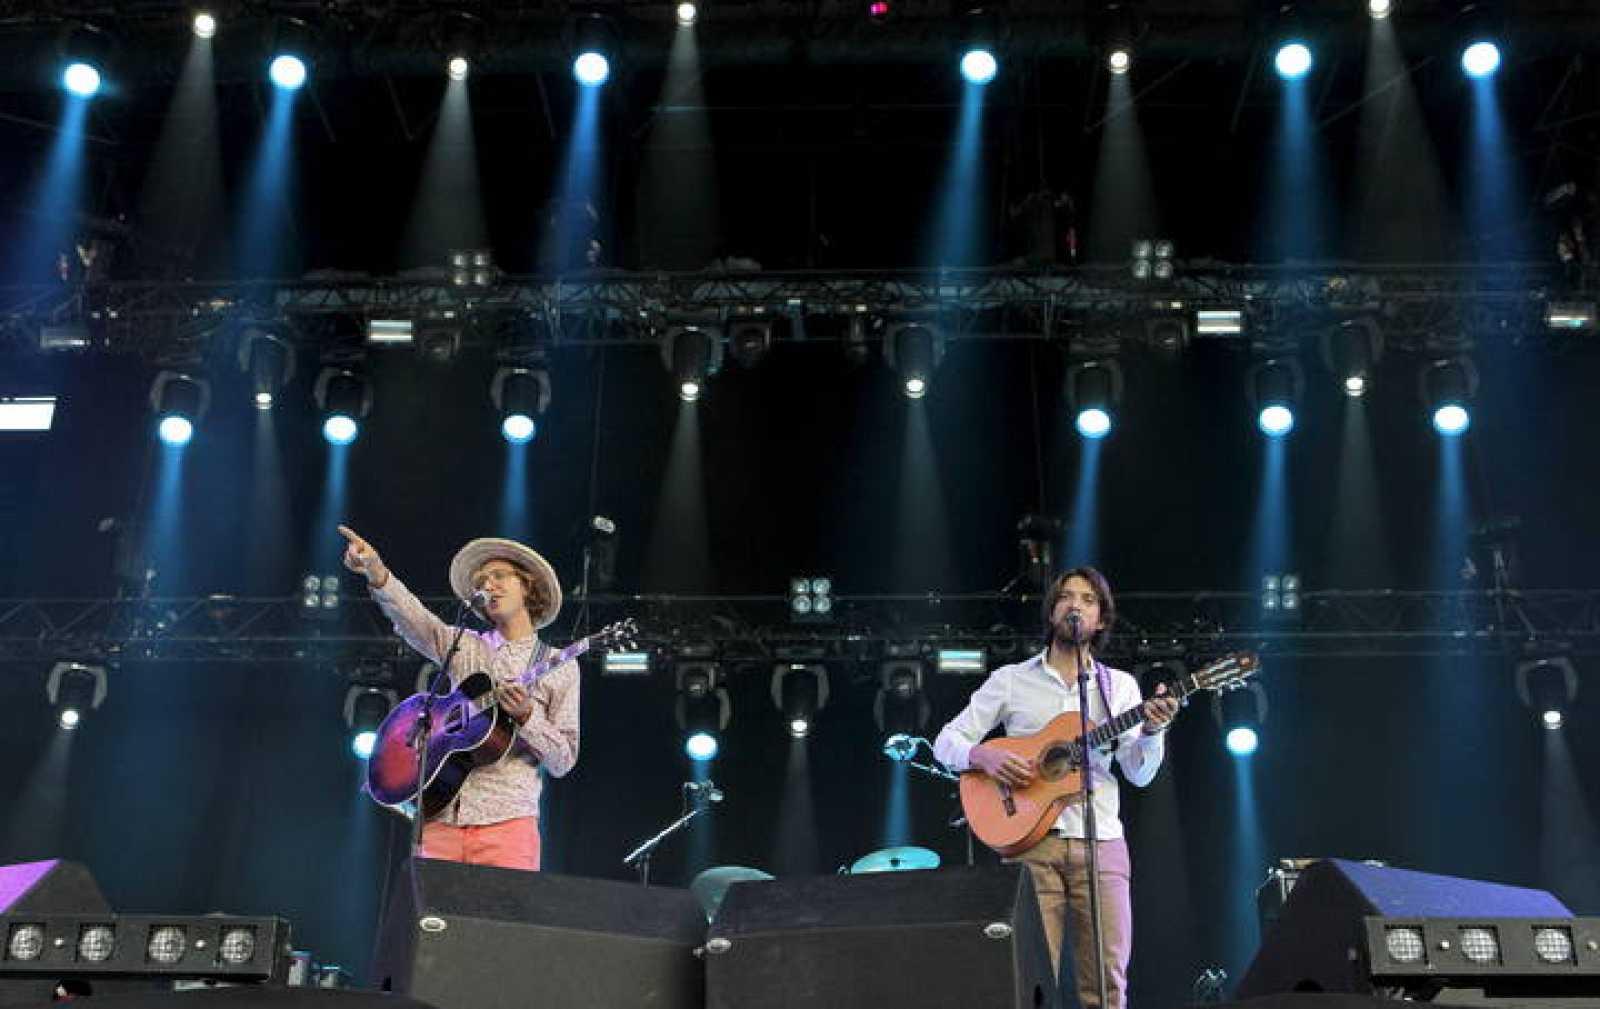 Un momento de la actuación del grupo Kings of Convenience, durante la primera jornada del Festival DCode, en Madrid.